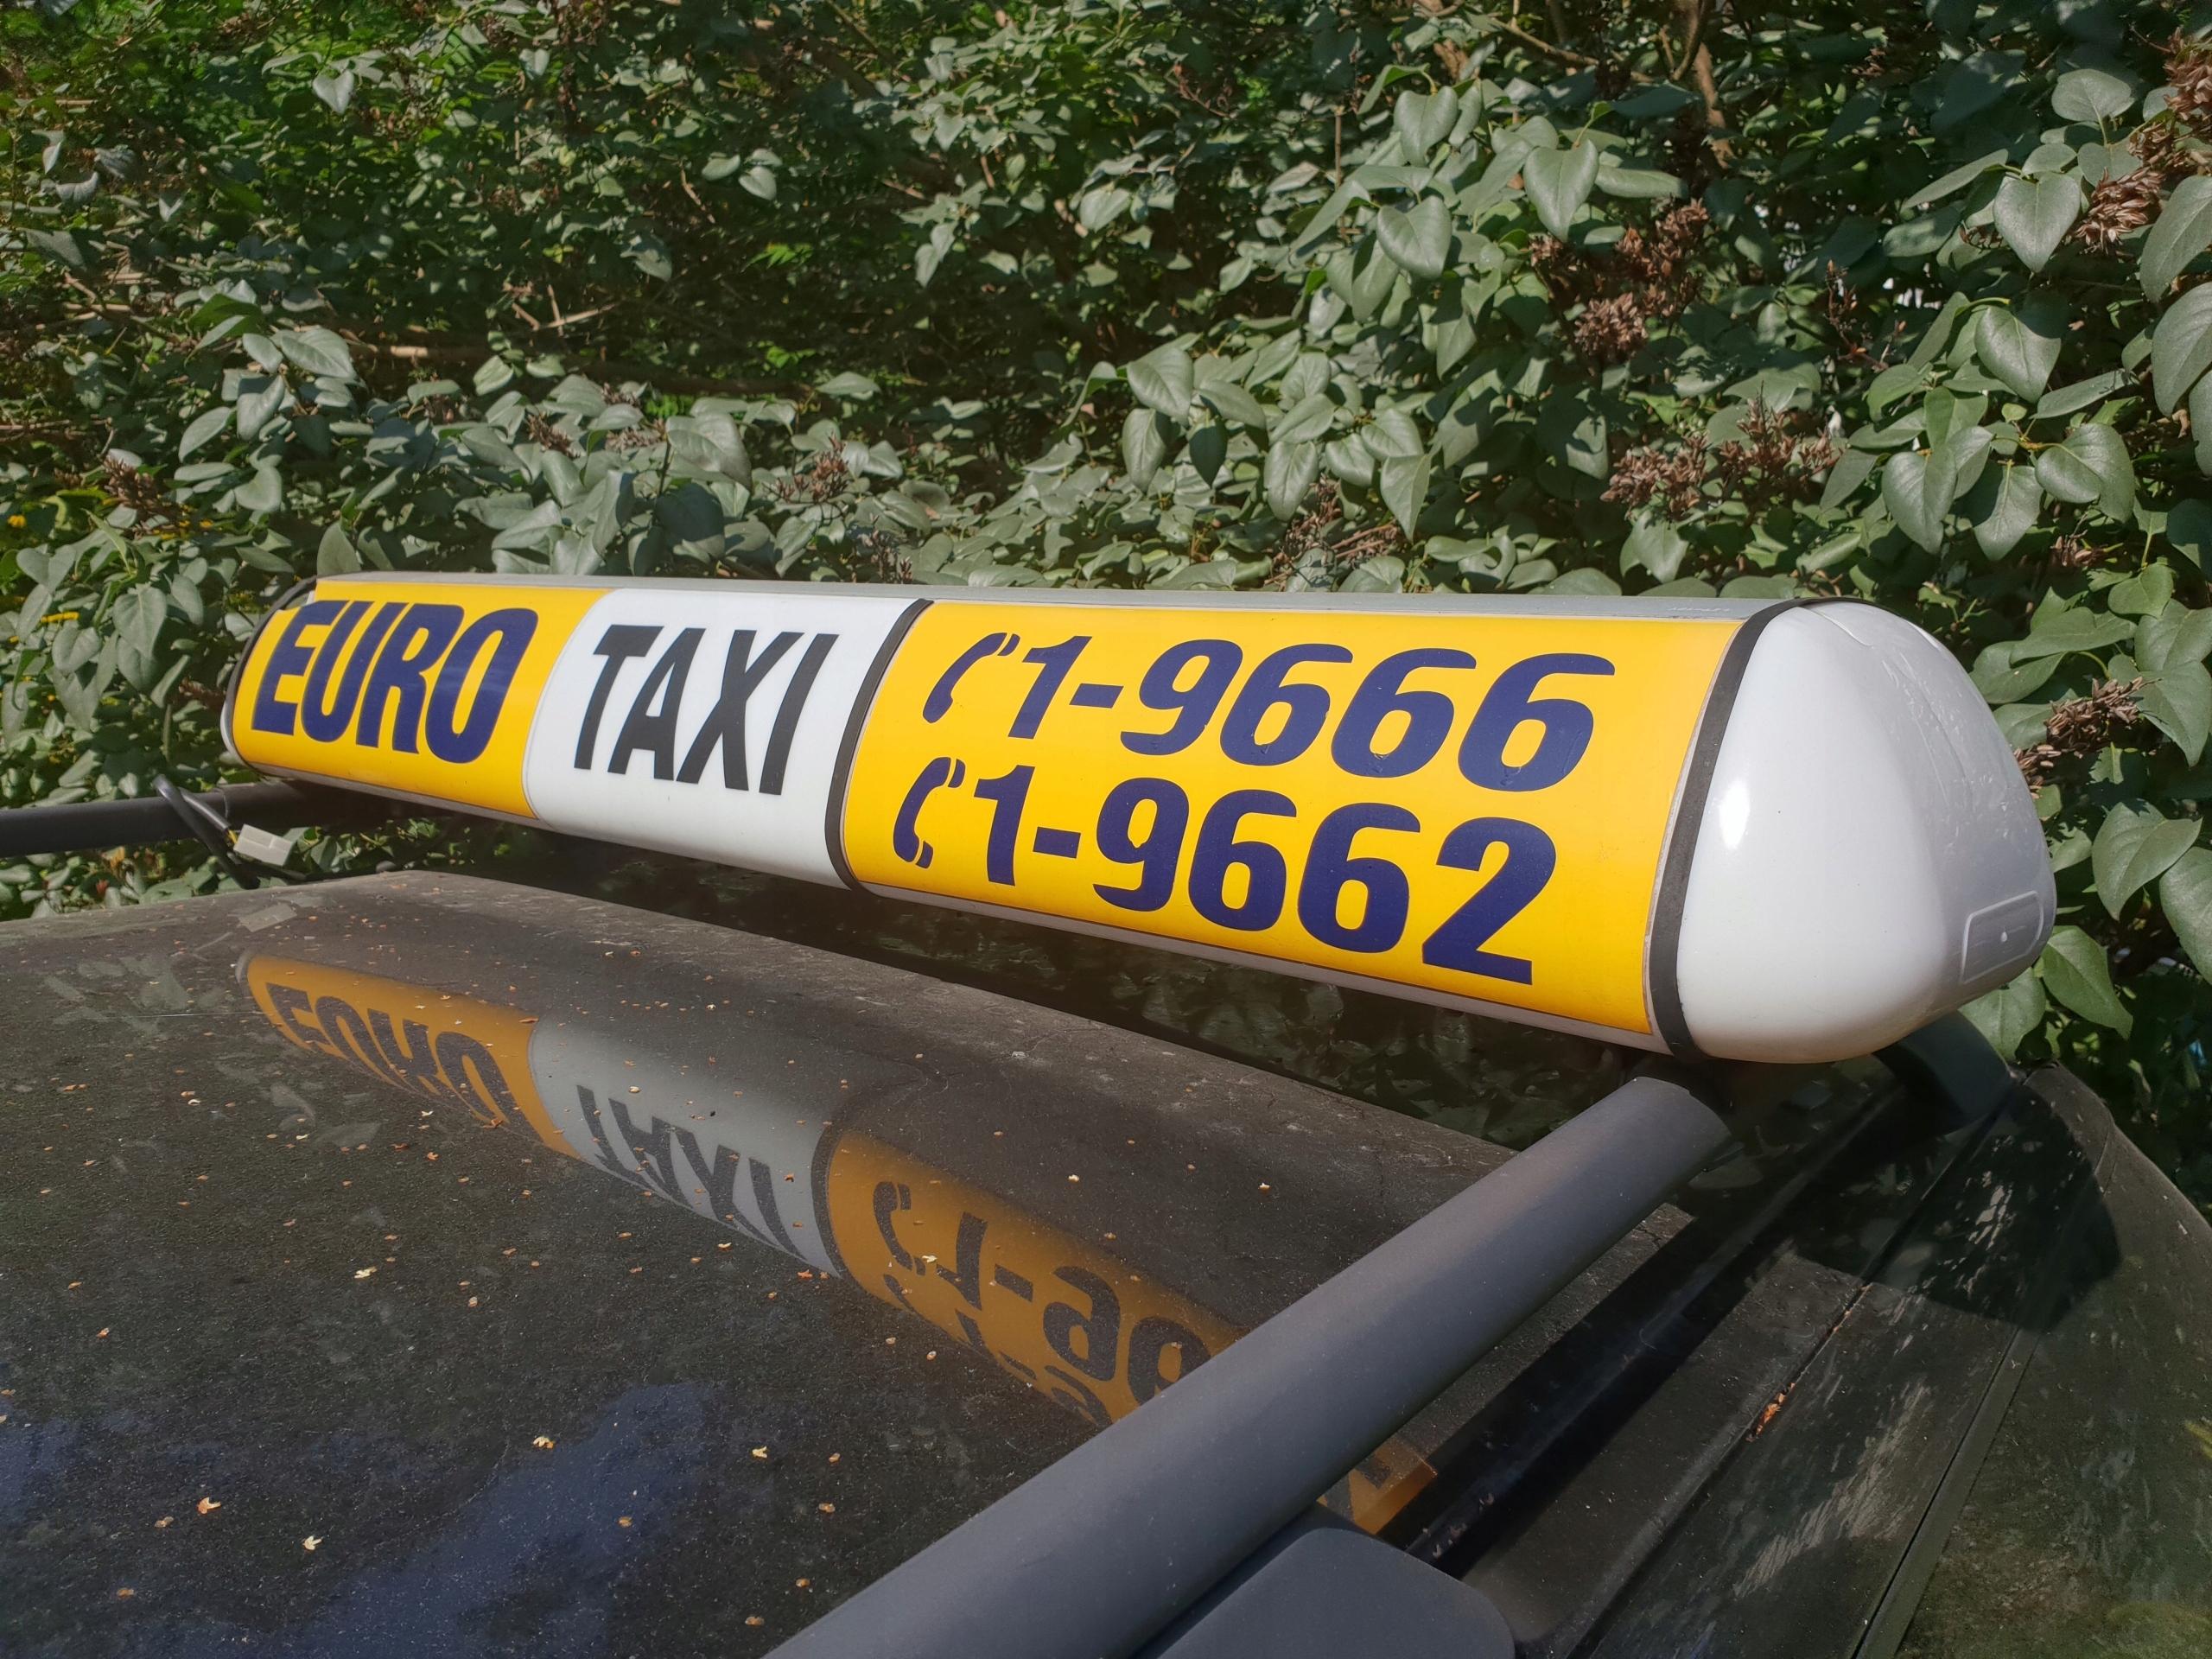 Aktualne KOGUT TAXI Baton Euro GAPA LED mocowanie - 7525315221 - oficjalne VZ26